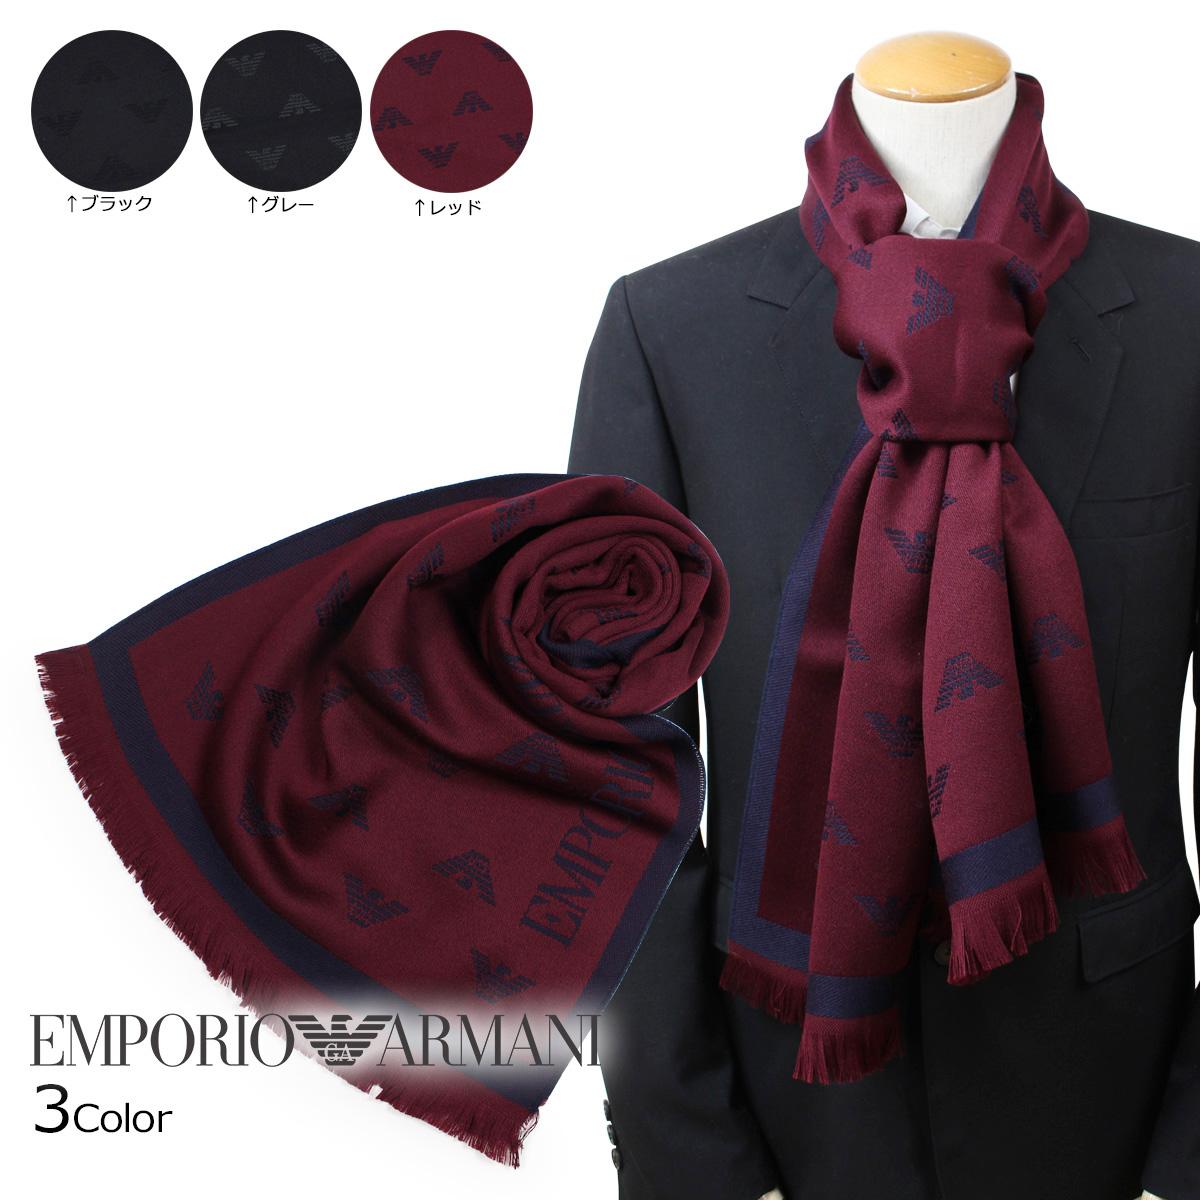 EMPORIO ARMANI 6250098P306 エンポリオ アルマーニ マフラー メンズ ウール イタリア製 ビジネス カジュアル